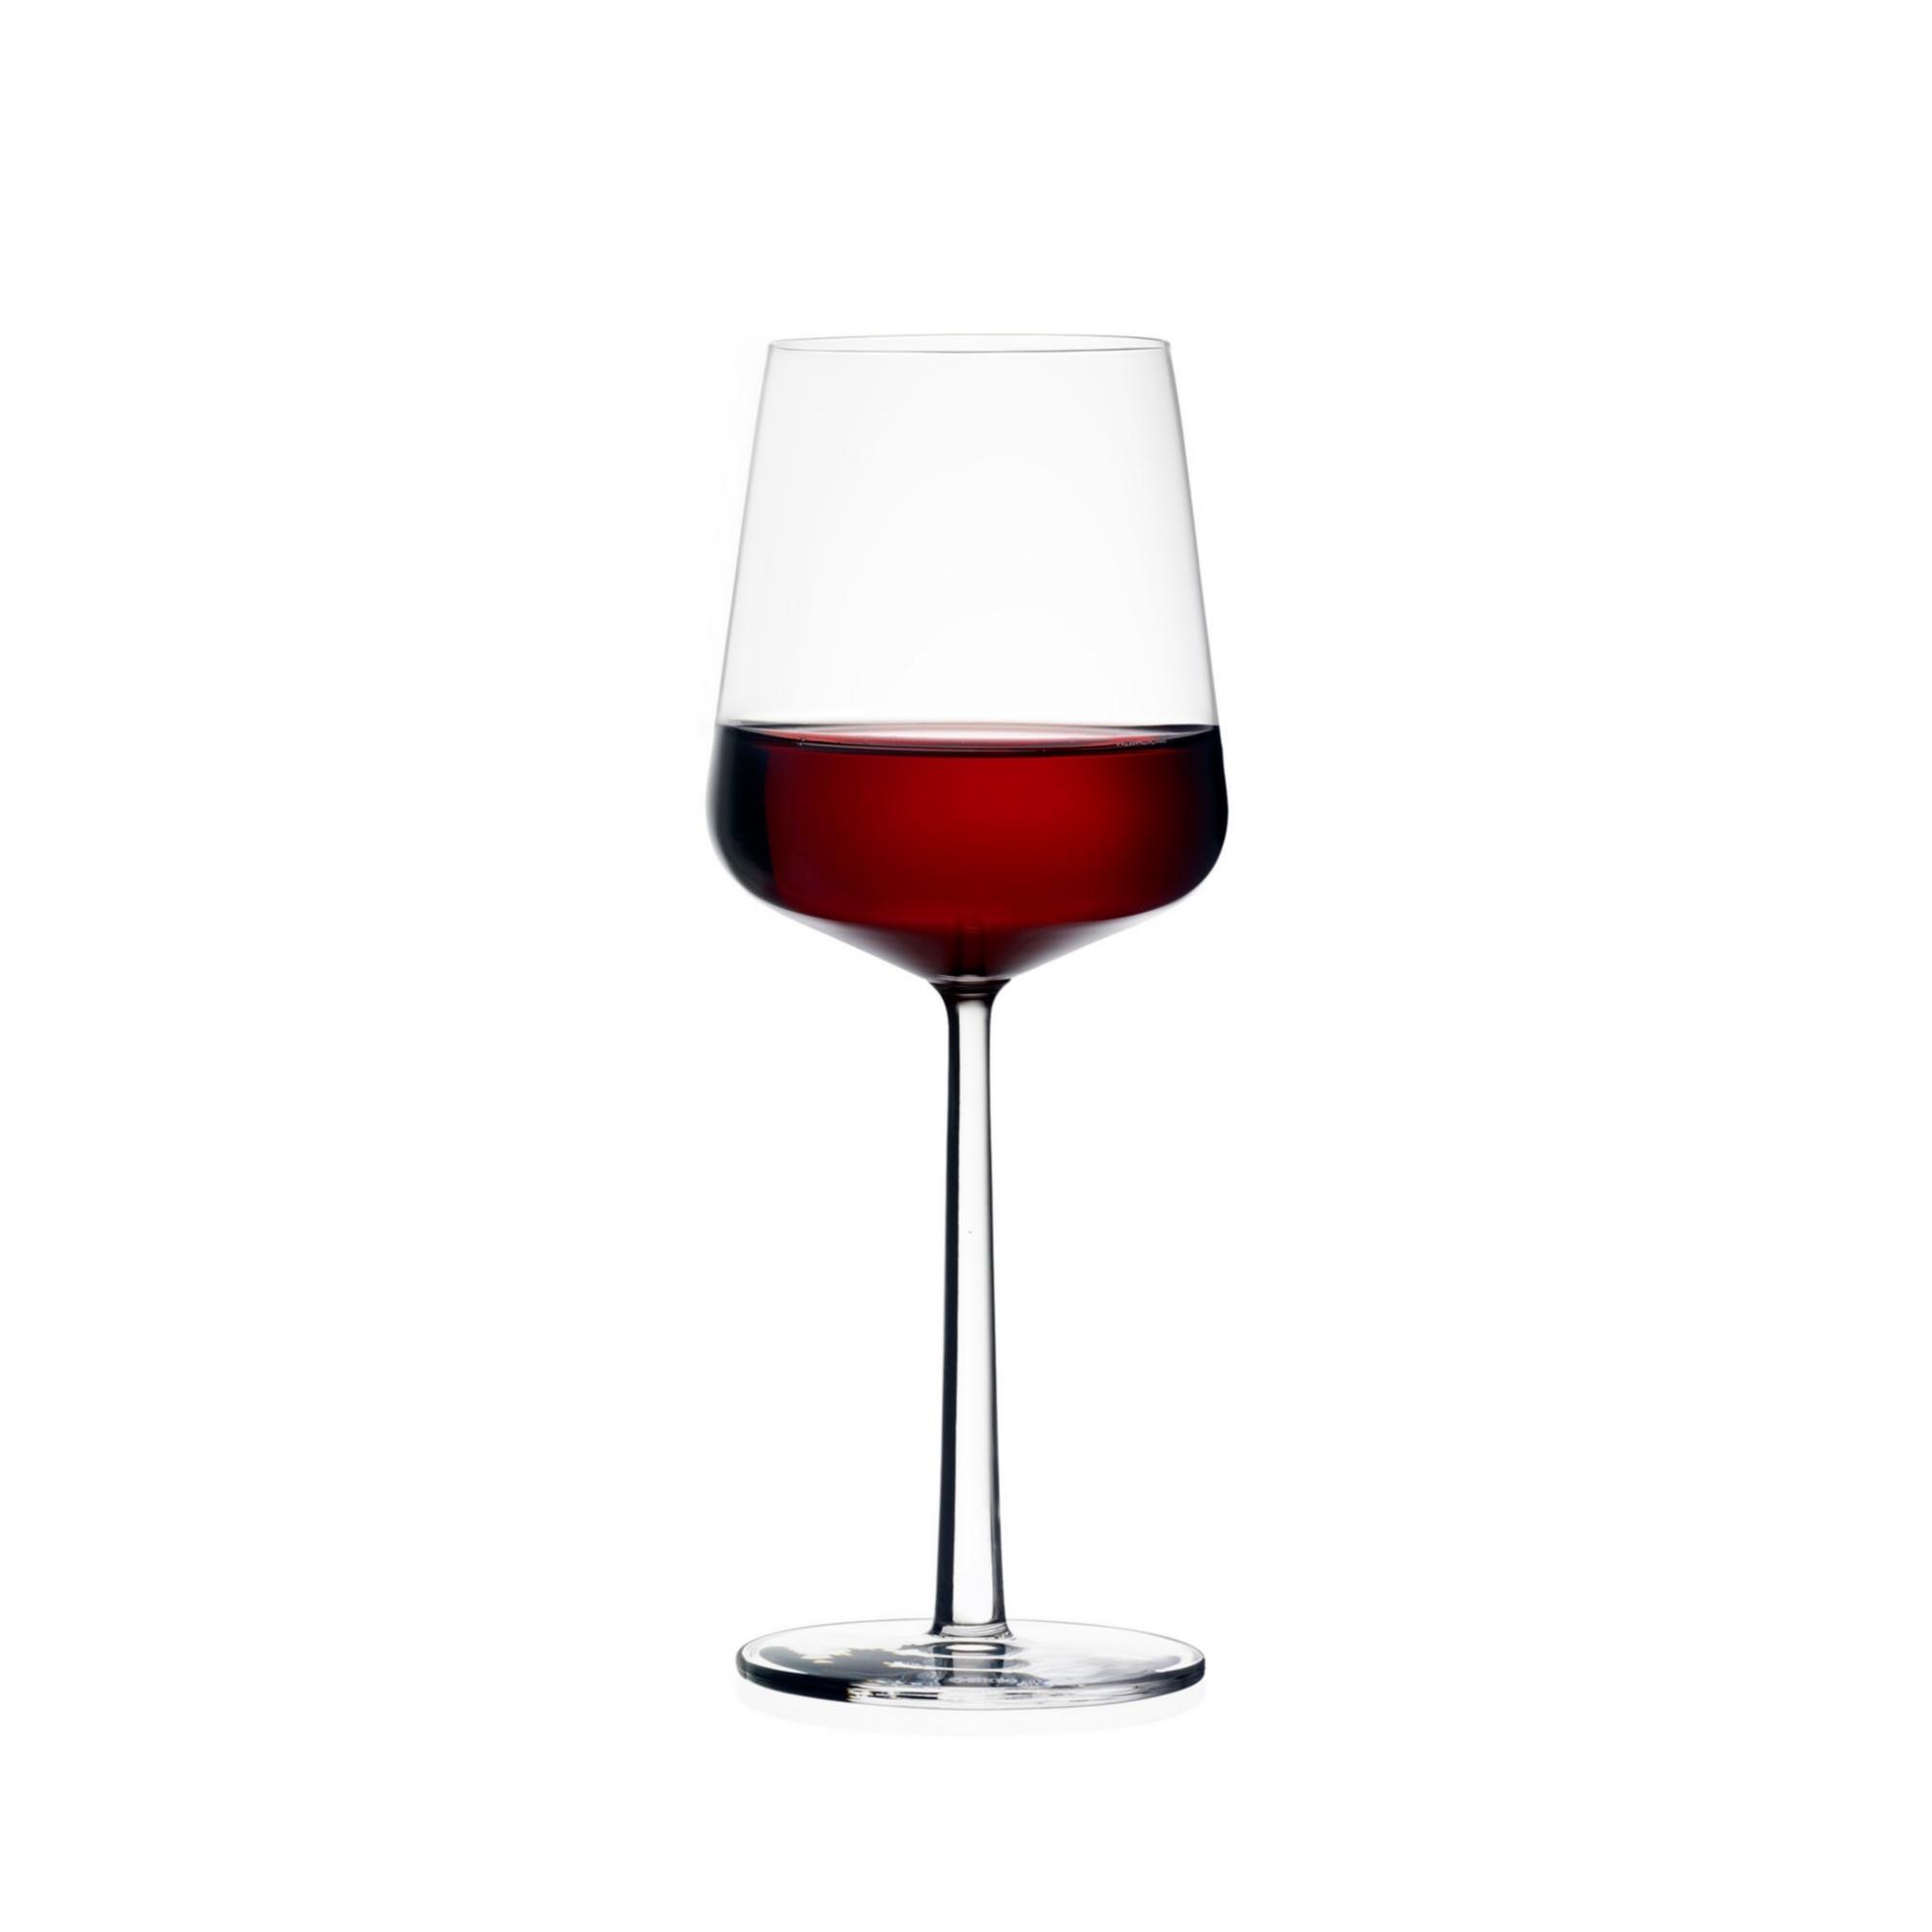 Iittala Iittala Essence Rood Wijnglas - 45 cl - Helder - 2 stuks